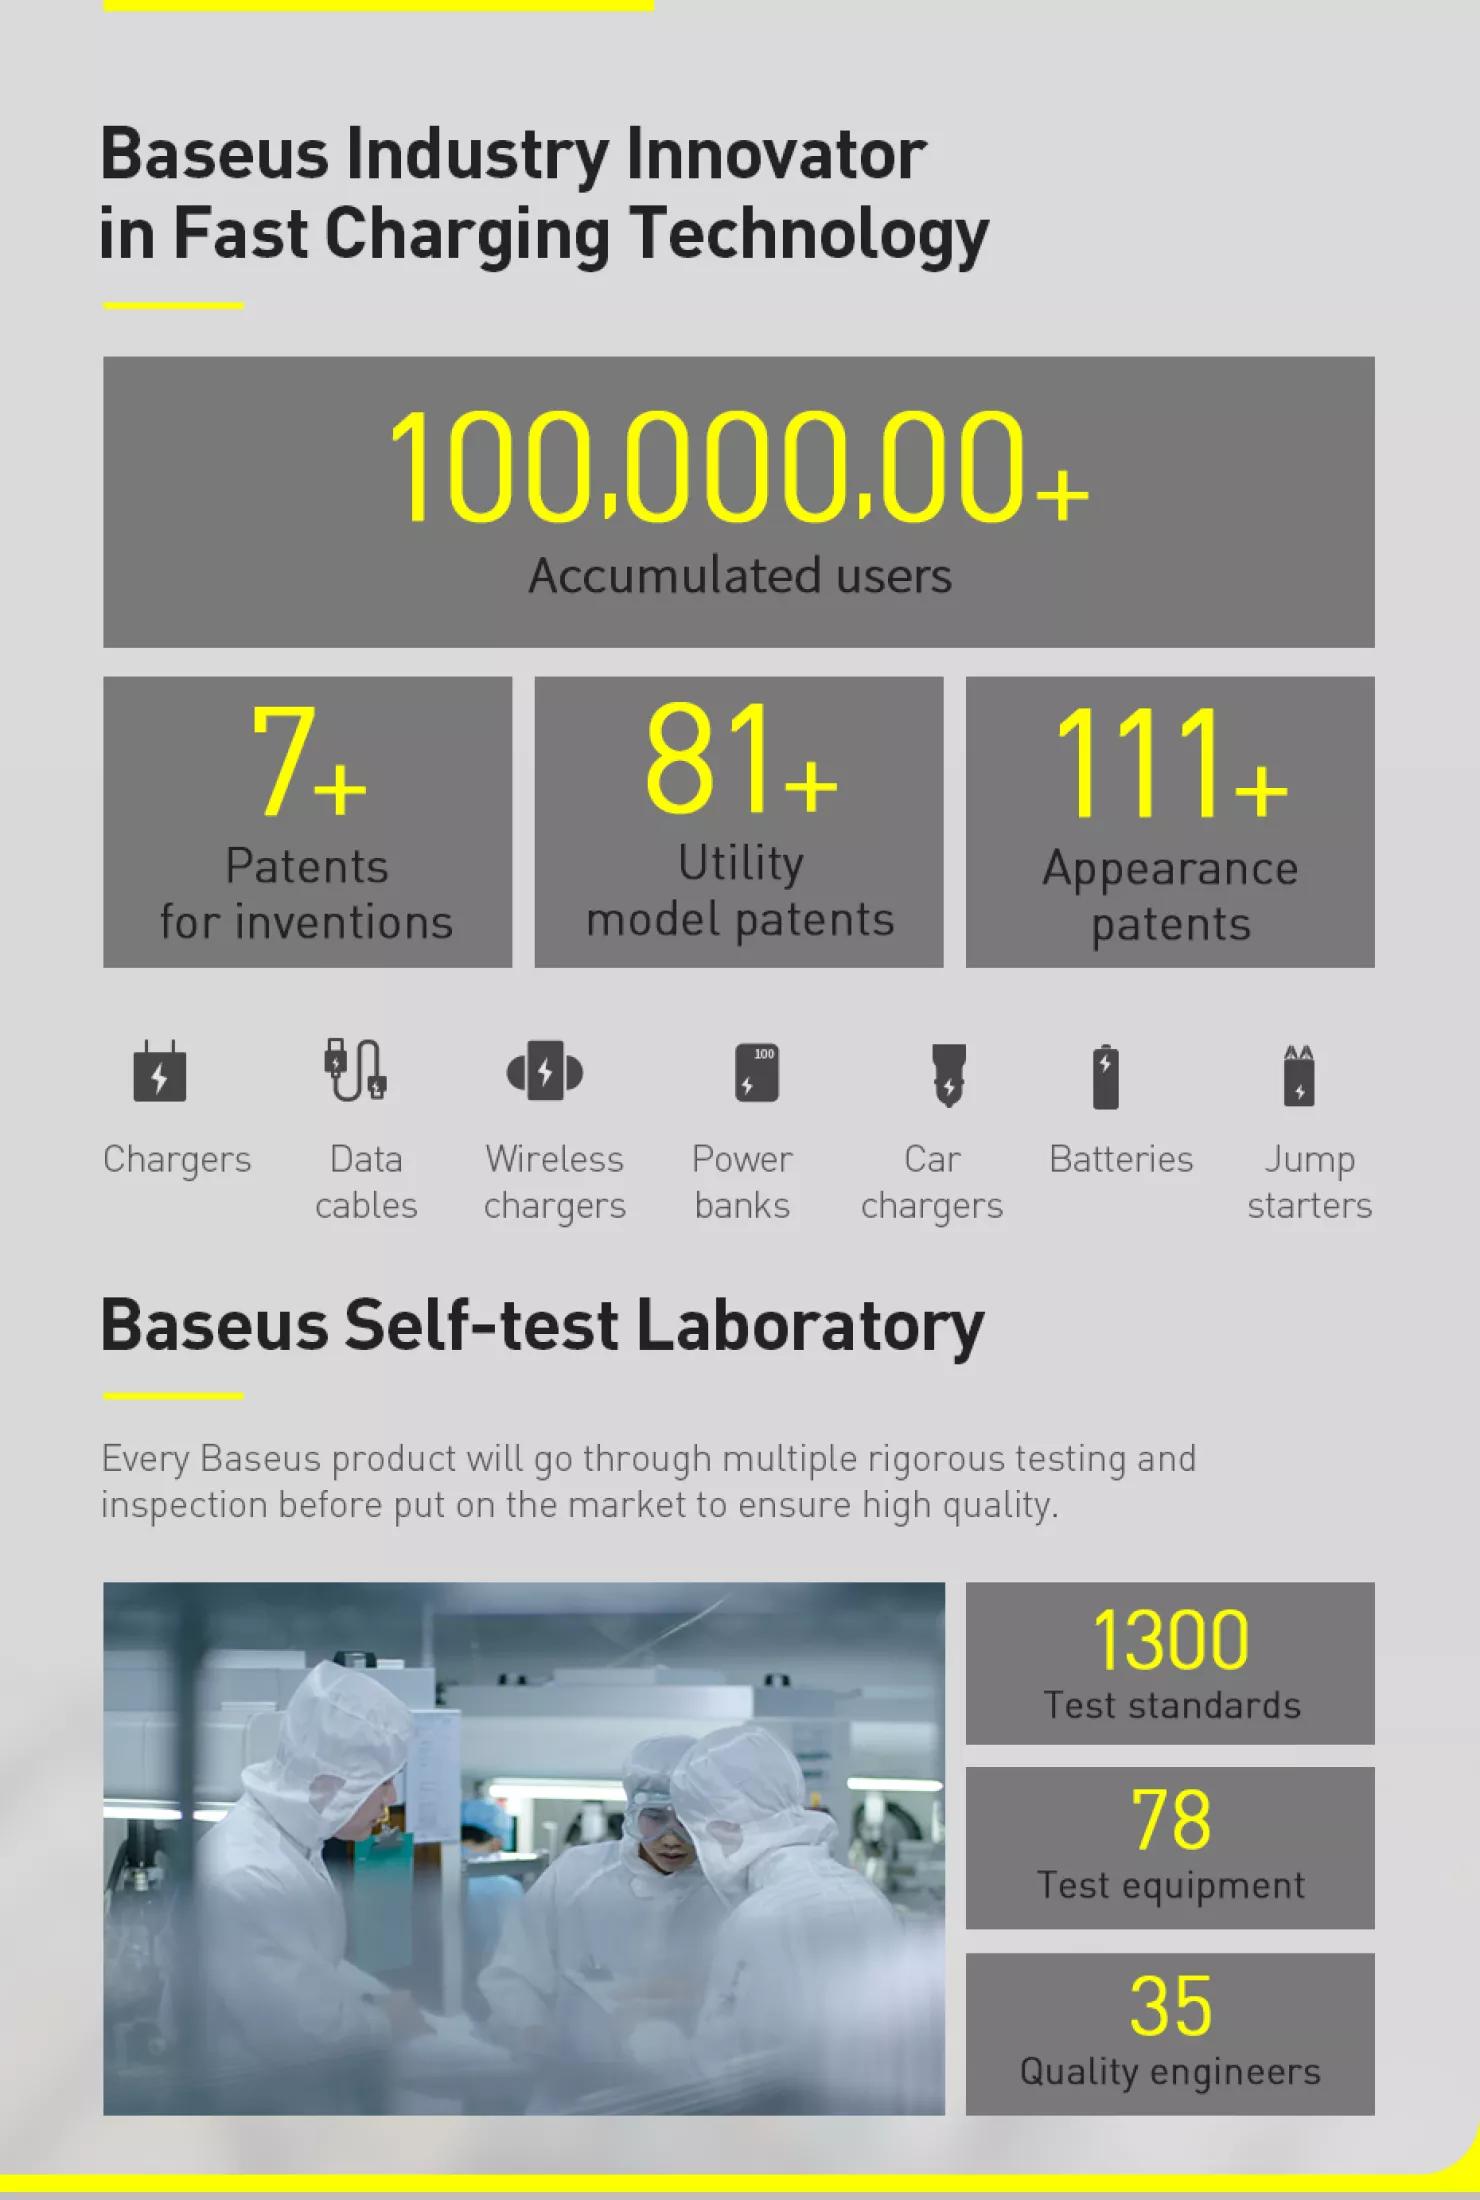 Pin sạc dự phòng Baseus dung lượng 10000mAh công suất 15W hoặc 20W, màn hình LED hiển thị, sạc nhanh QC, PD cho iPhone, Samsung, Xiaomi,....-Phân phối chính hãng tại Baseus Việt Nam 15